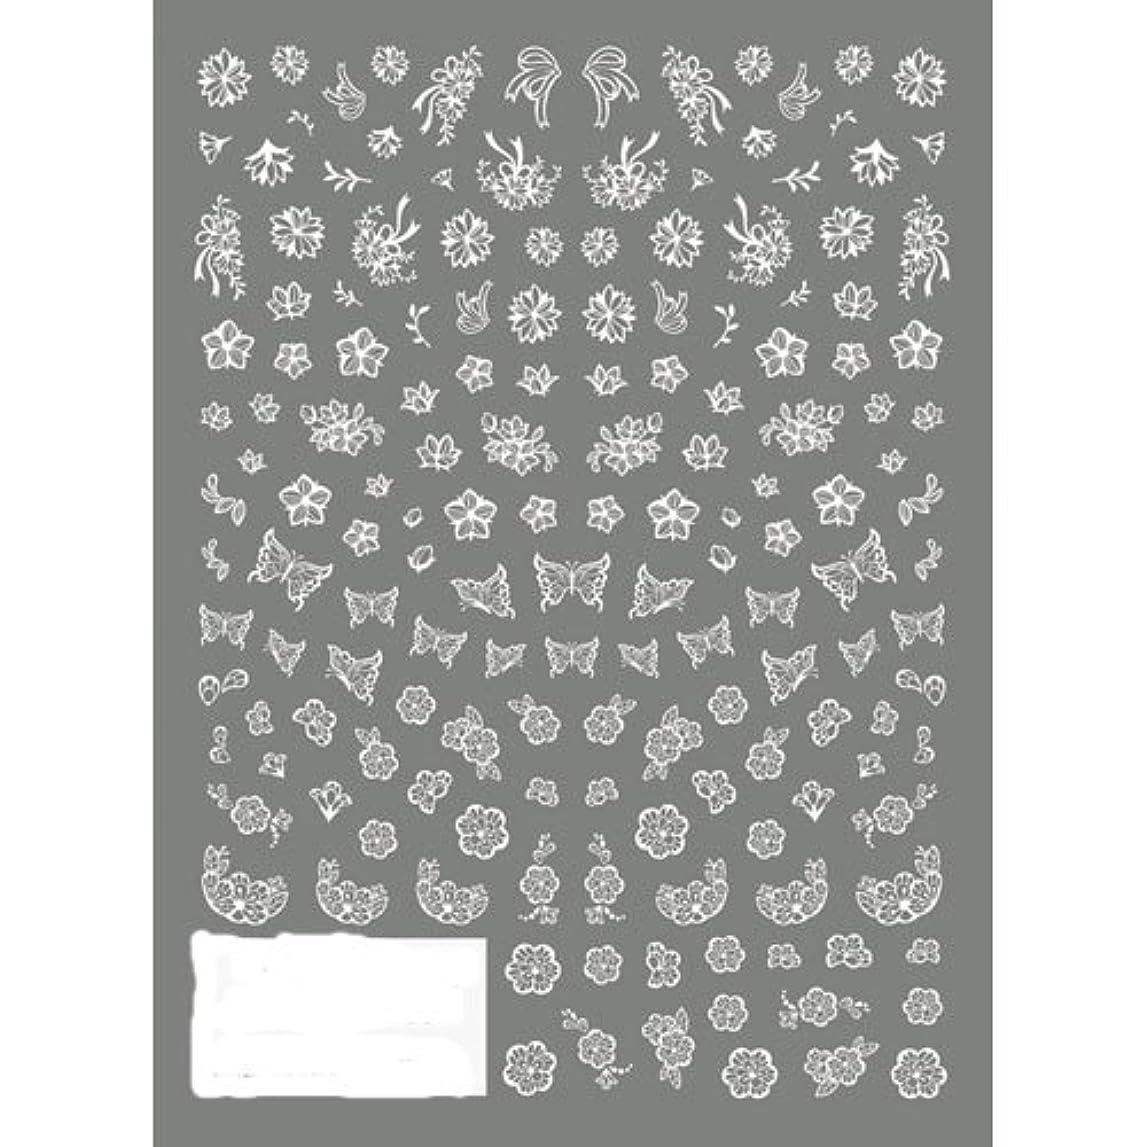 ウィンク世界に死んだヘアTSUMEKIRA(ツメキラ) ネイルシール 切り絵 フラワー&バタフライ ホワイト NN-KRE-201